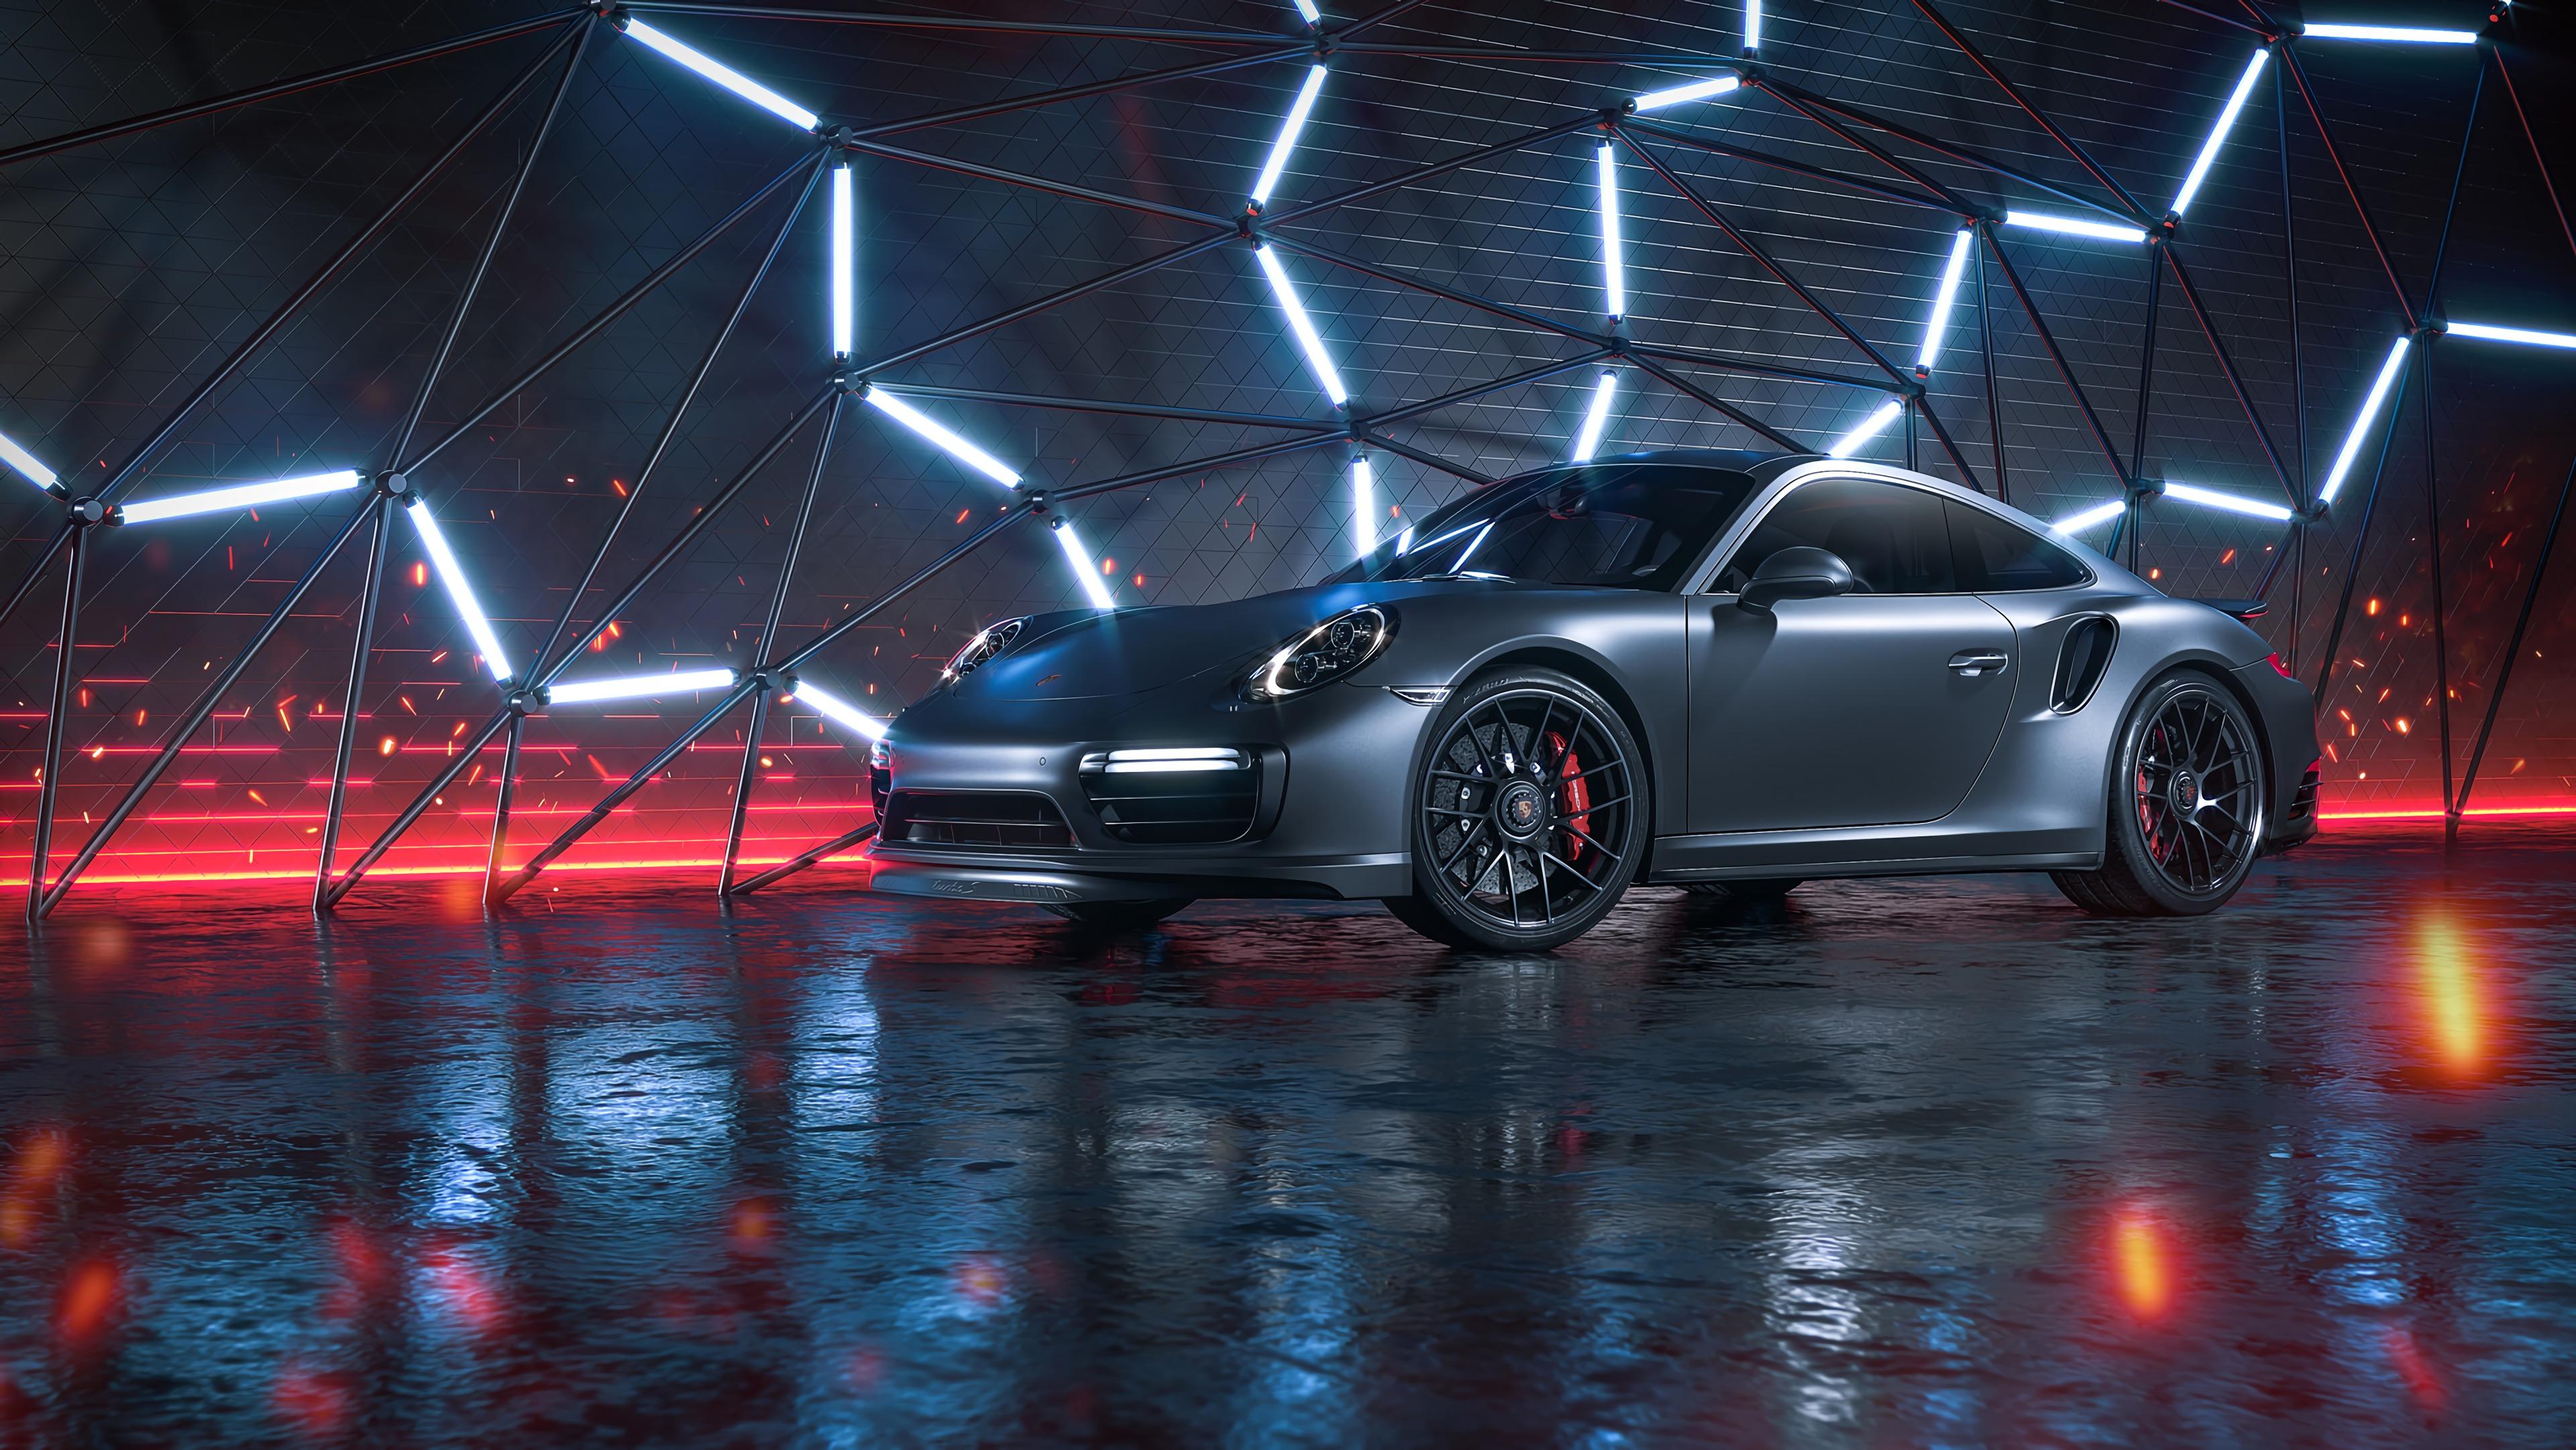 93840 Hintergrundbild herunterladen Auto, Sport, Cars, Maschine, Neon, Sportwagen, Seitenansicht - Bildschirmschoner und Bilder kostenlos